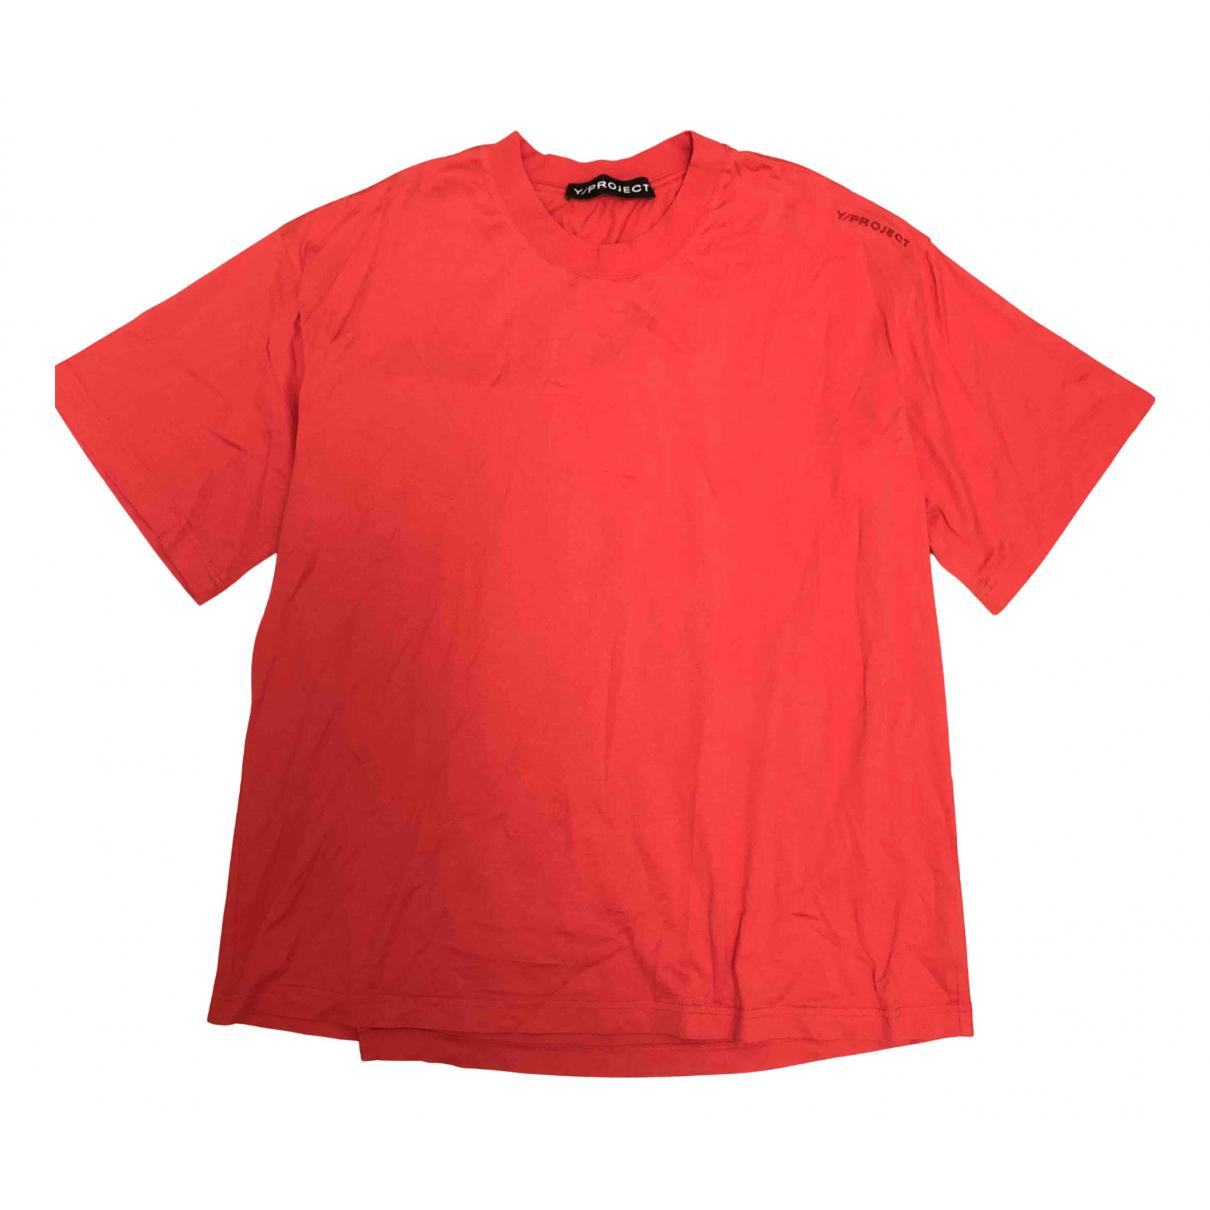 Y/project - Top   pour femme en coton - rouge